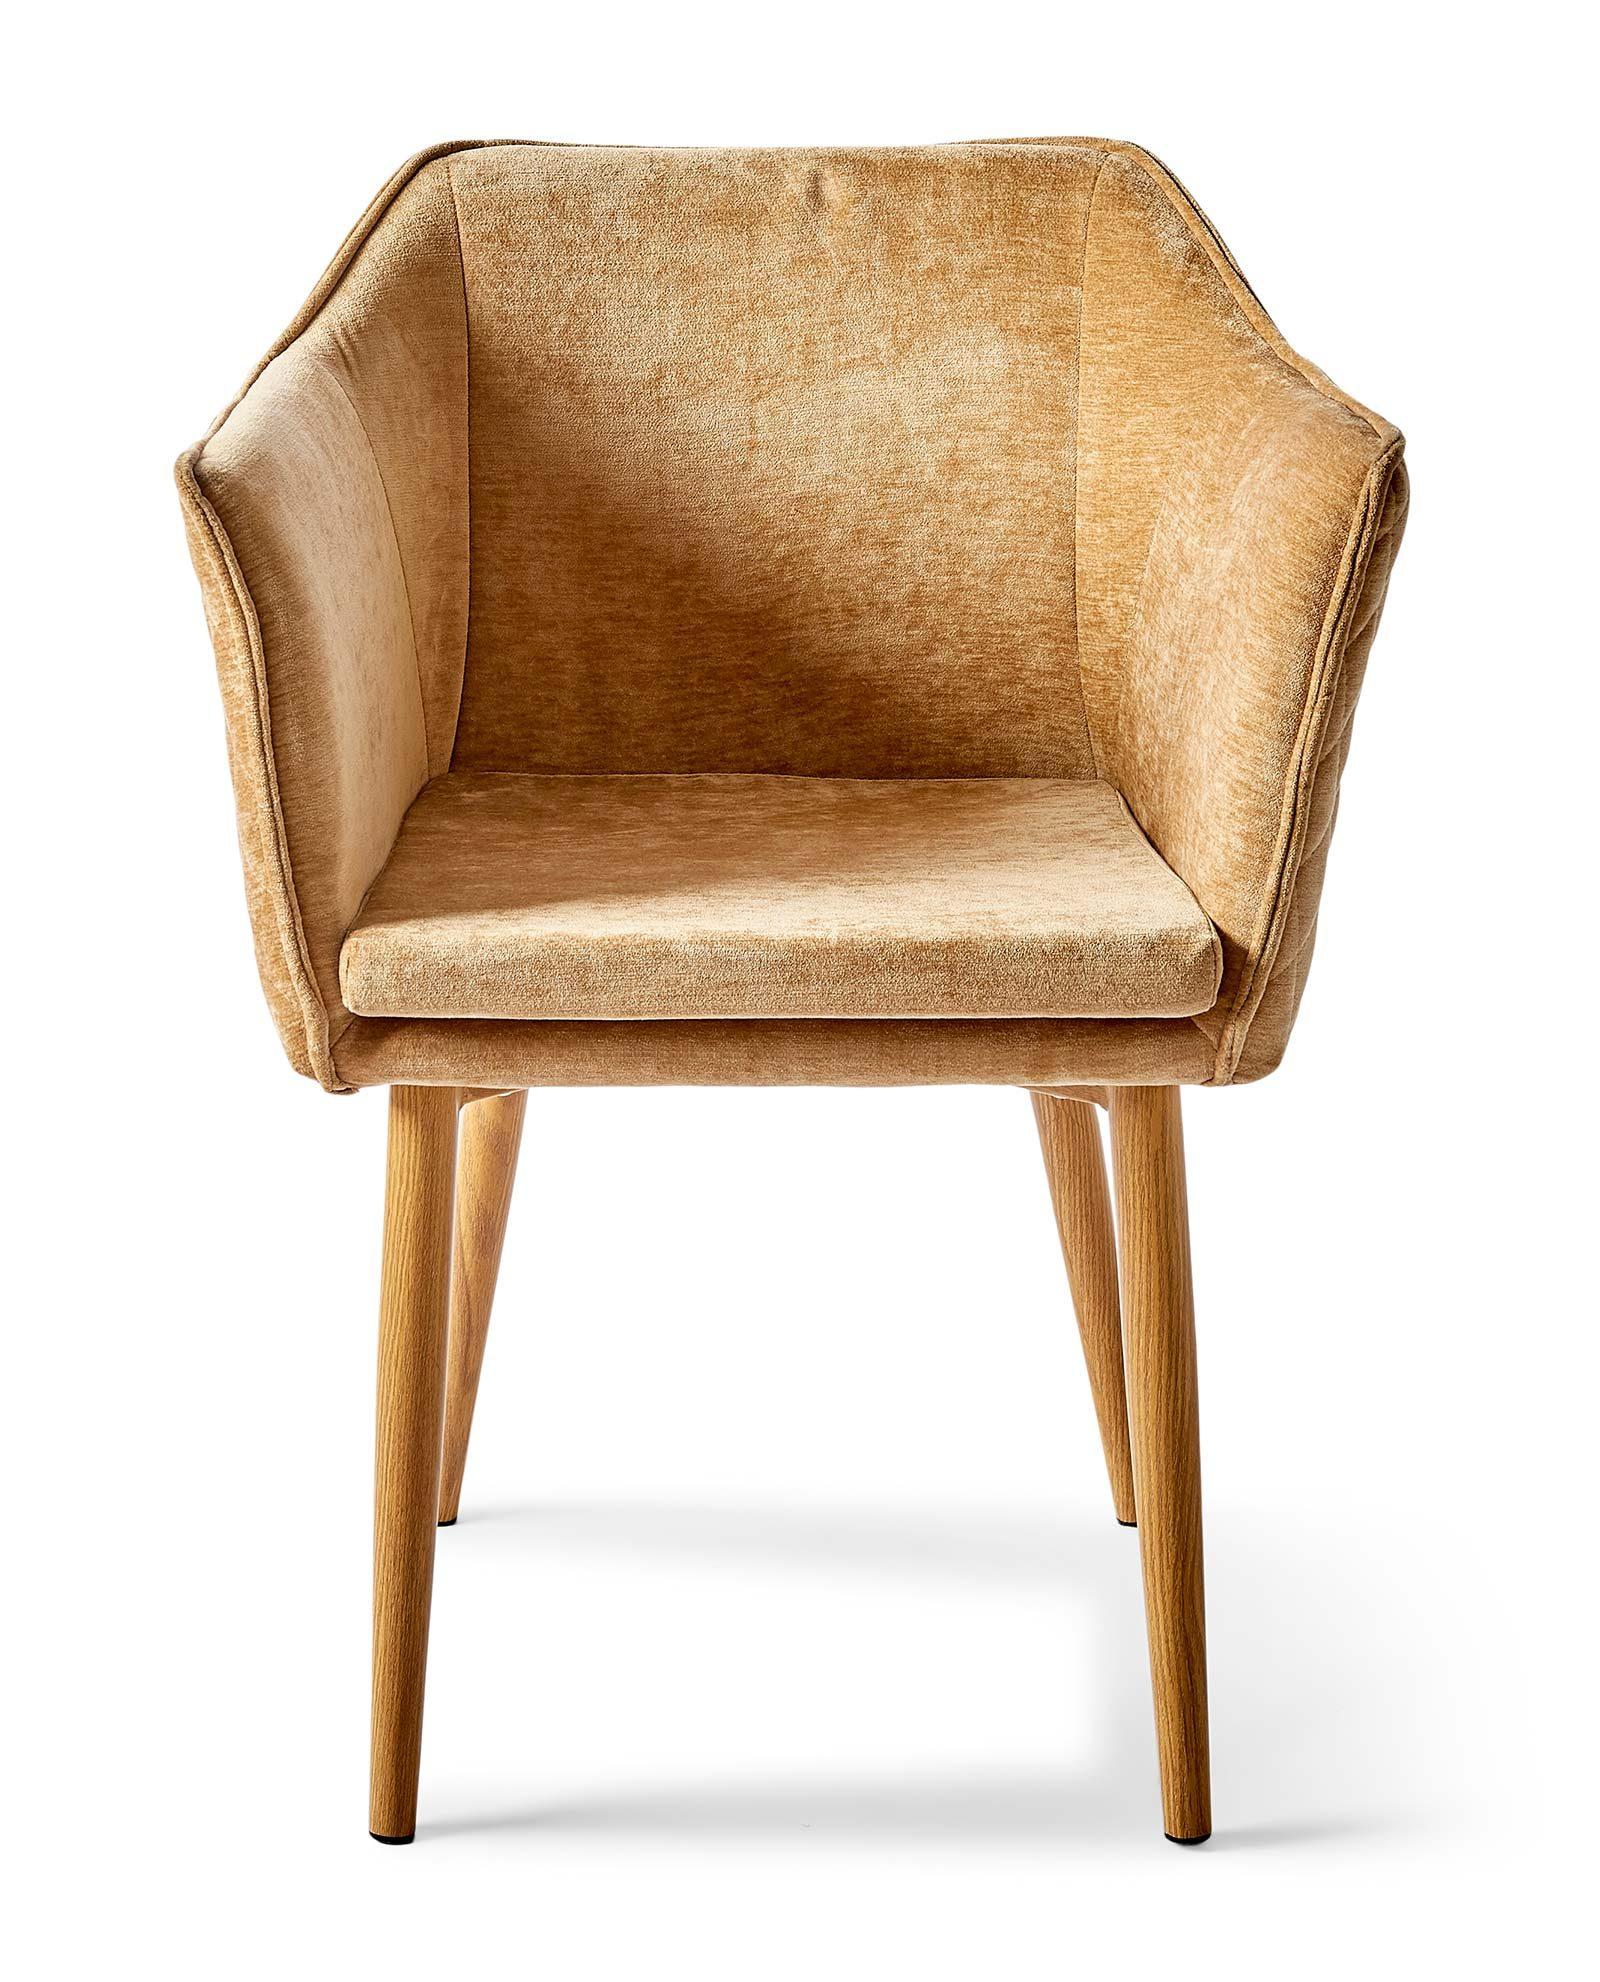 Riviera Maison armchair Megan Copper 4159006 2